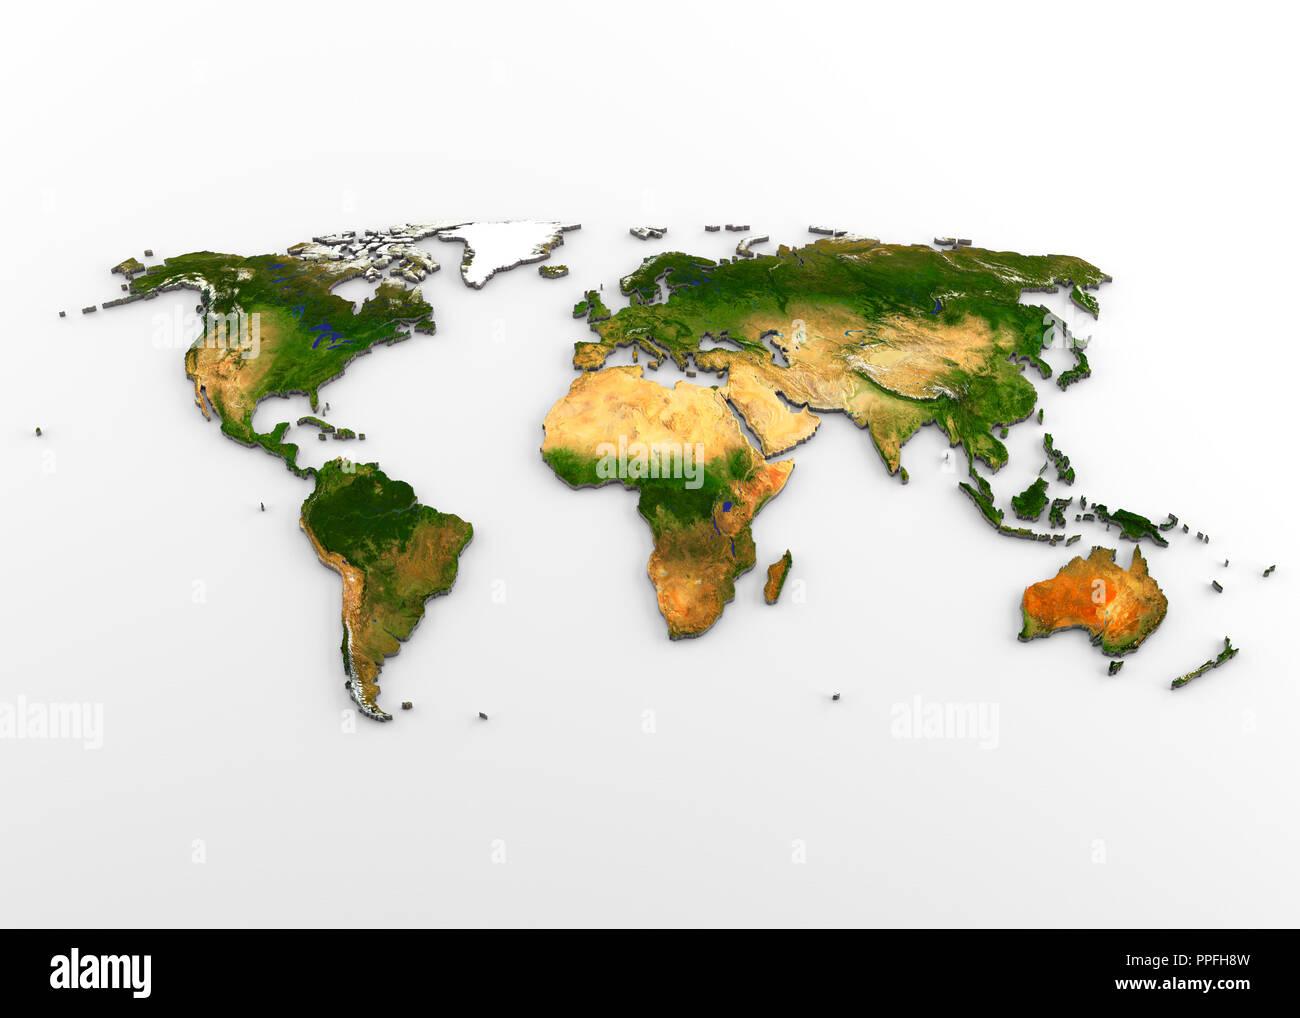 Cartina Mondo Alta Risoluzione.Mappa Del Mondo Con I Confini Nazionali E I Nomi Dei Paesi Foto Stock Alamy